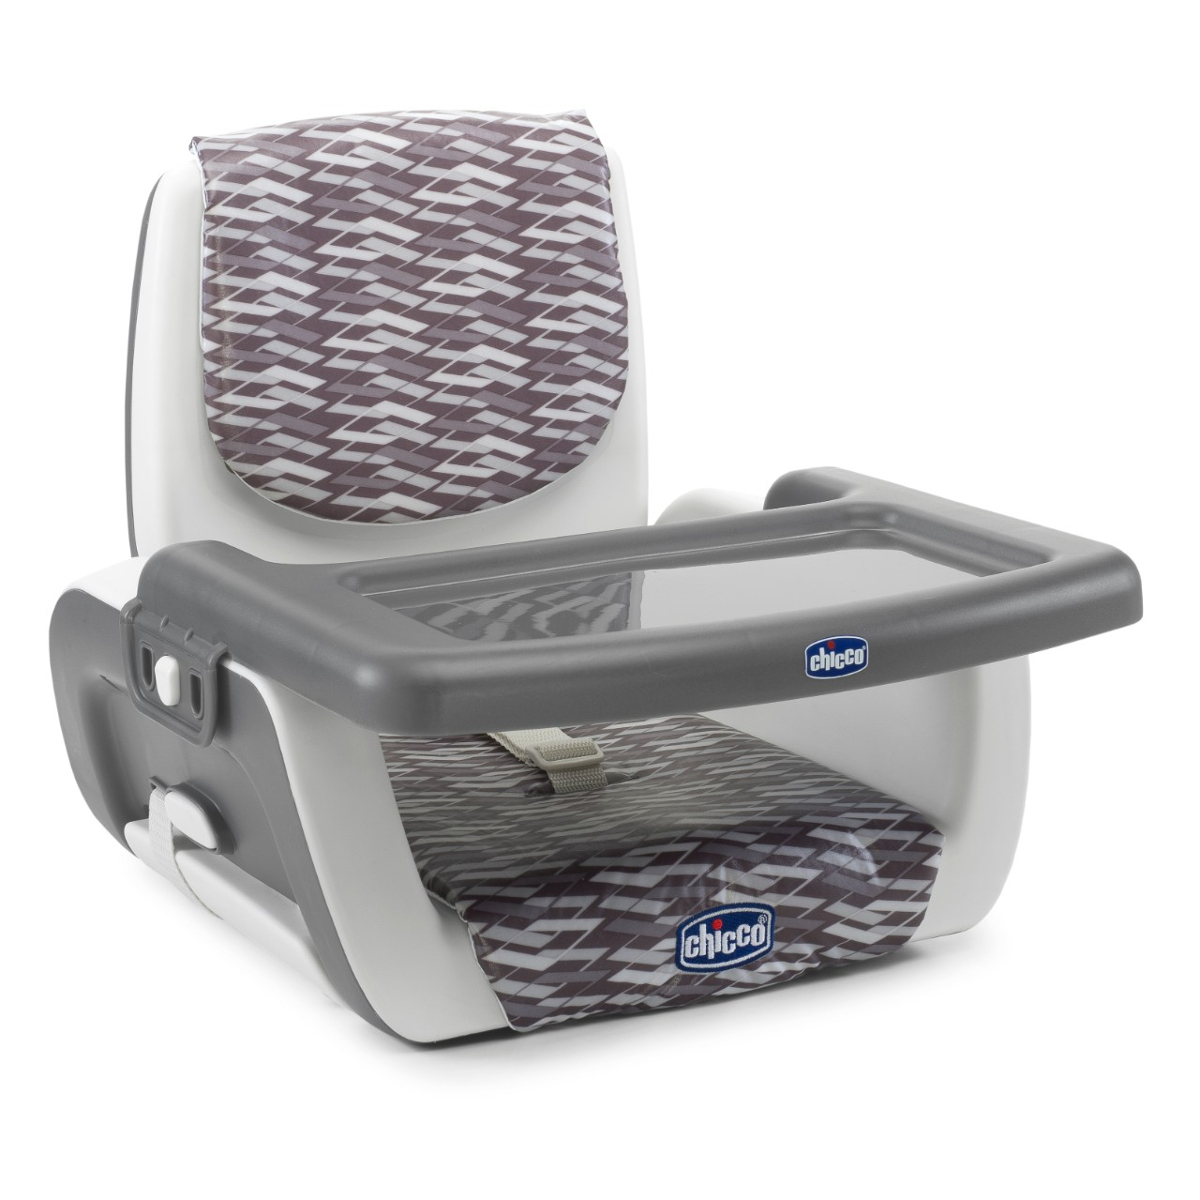 assento-elevatório-chicco-mode